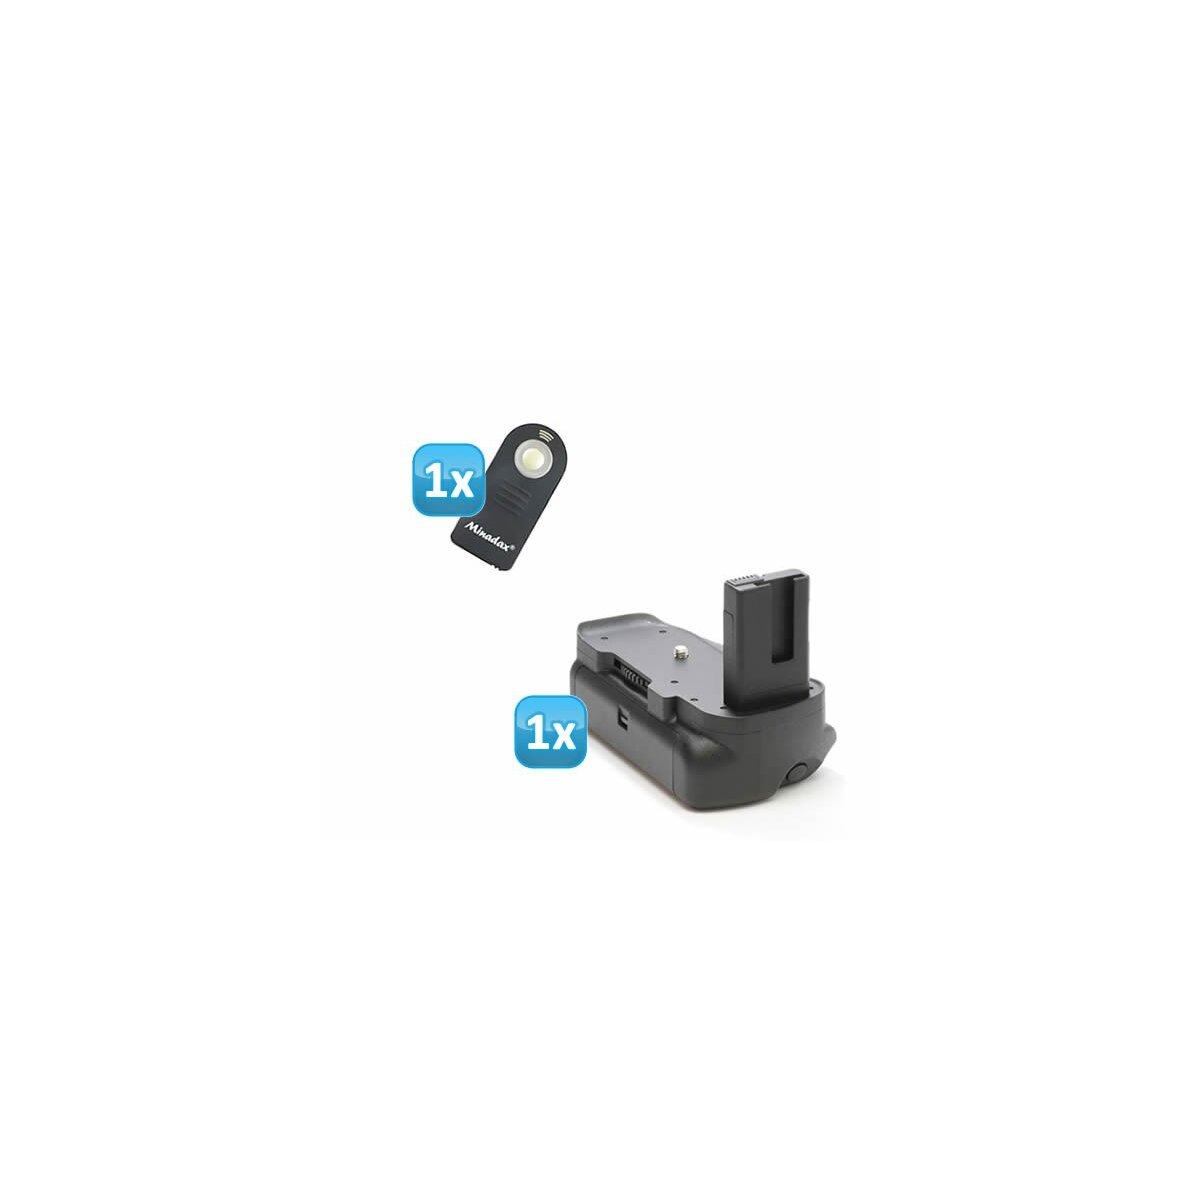 Minadax Profi Batteriegriff kompatibel mit Nikon D5300, D5200, D5100 inklusiv 1x Infrarot Fernbedienung - hochwertiger Handgriff mit Hochformatauslöser - für 2x EN-EL14 Akkus